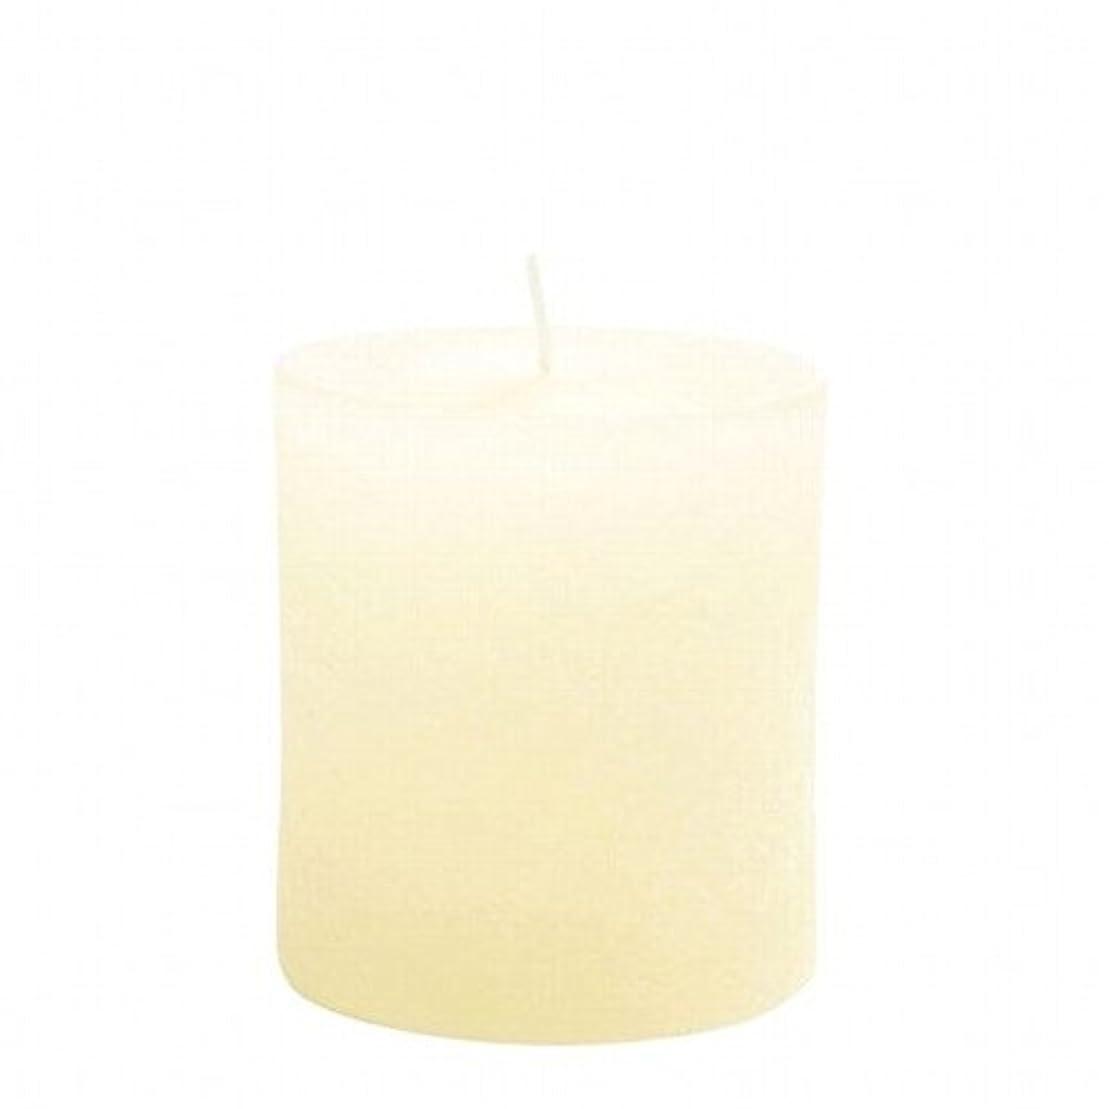 タブレット令状オーストラリア人kameyama candle(カメヤマキャンドル) ラスティクピラー70×75 「 アイボリー 」(A4930010IV)